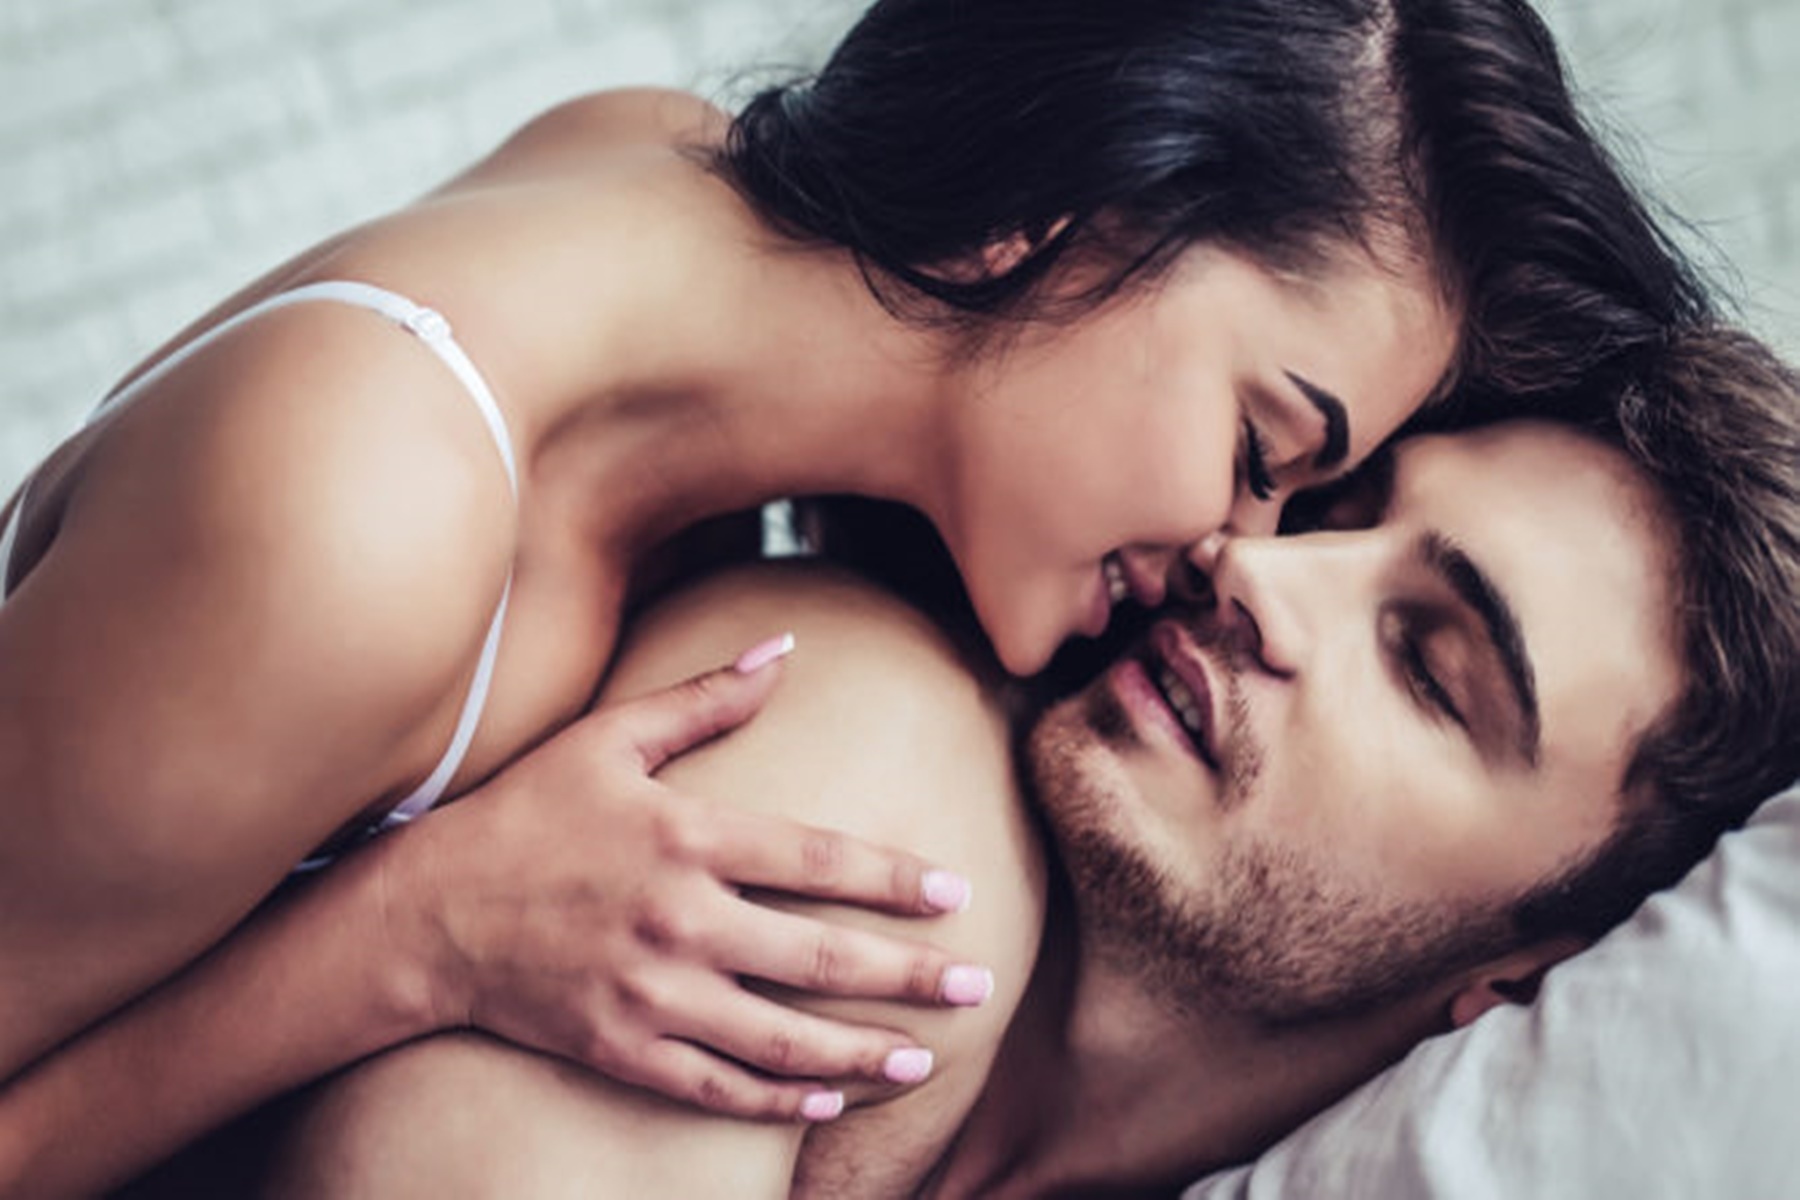 Σεξουαλική υγεία : Η Σωματική άσκηση την απογειώνει